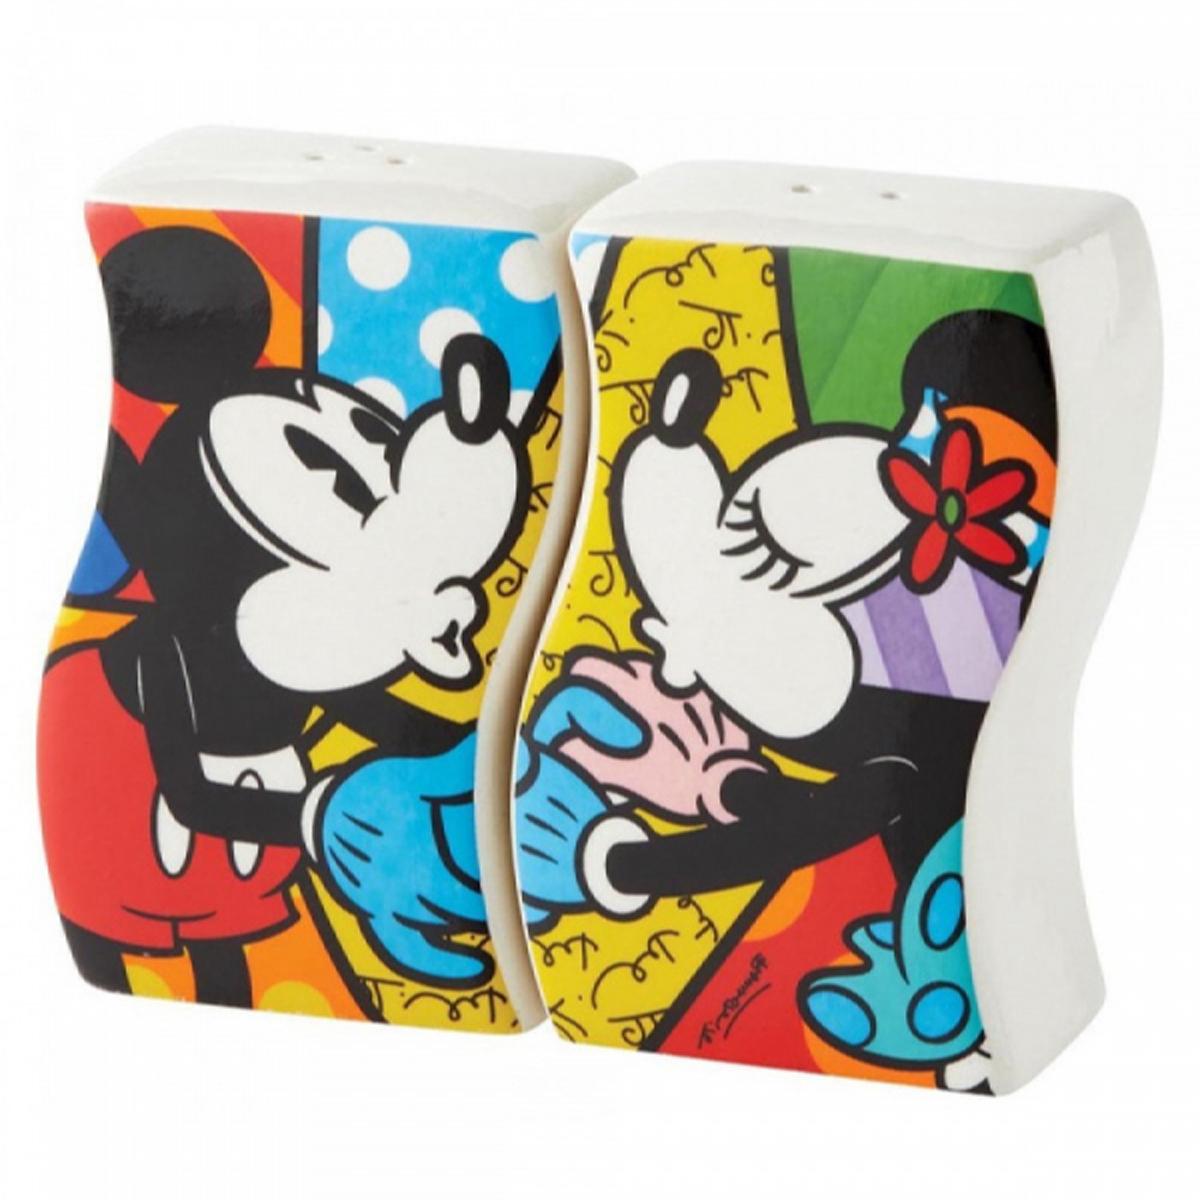 Coffret poivre et sel céramique \'Mickey & Minnie\' multicolore (Britto) - chacun 90x60x38 mm - [R2030]